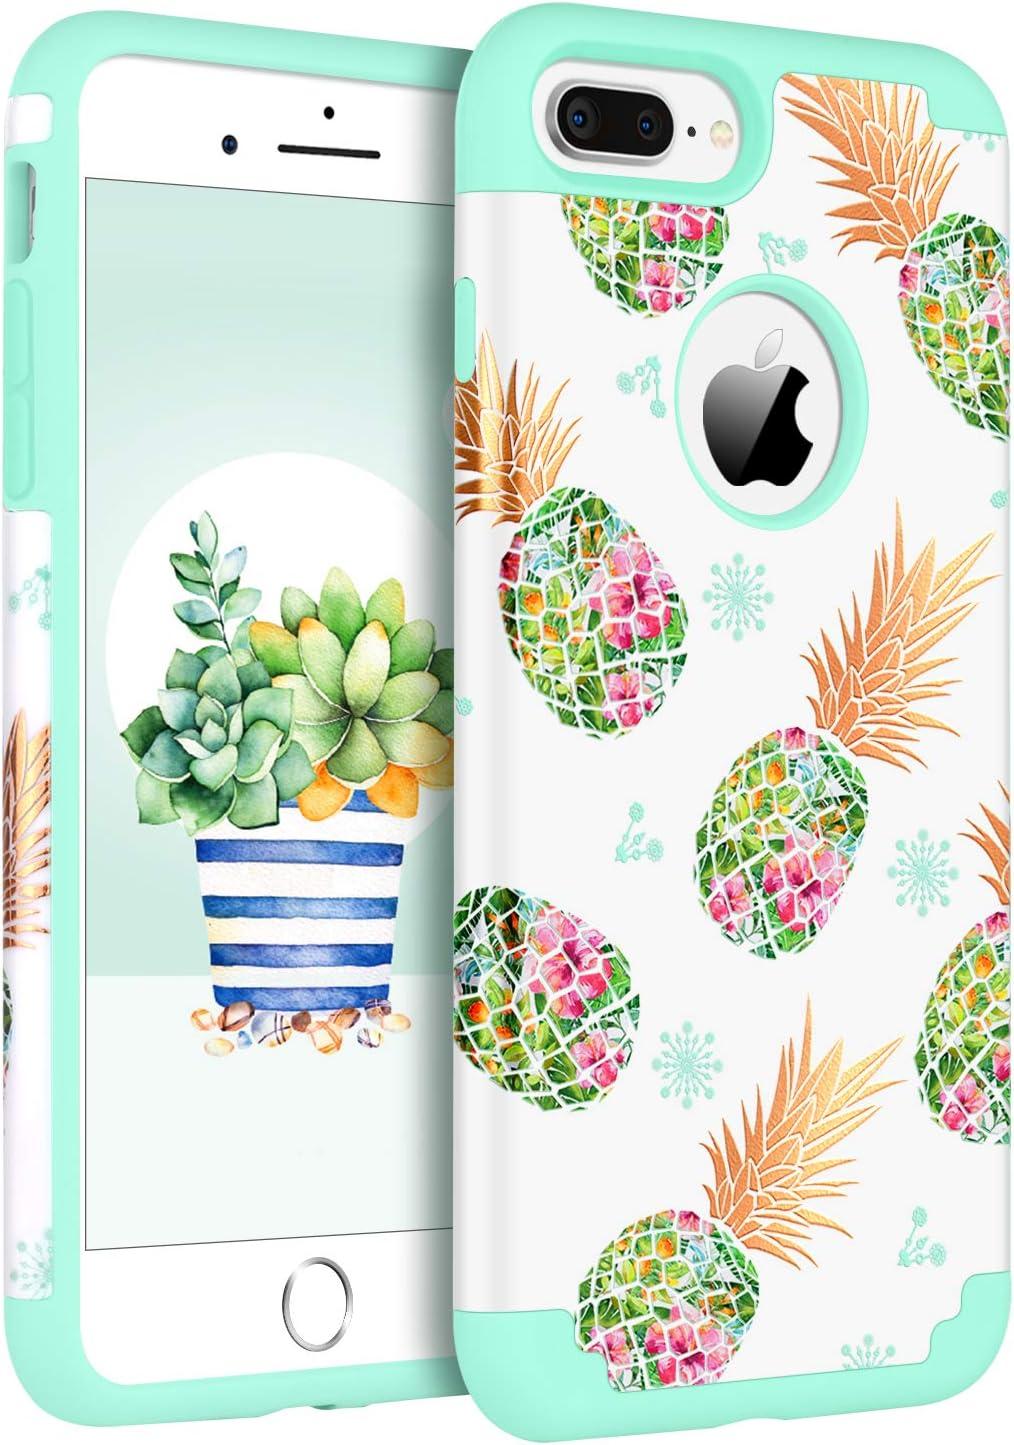 BENTOBEN iPhone 8 Plus Case,iPhone 7 Plus Case,White/Green